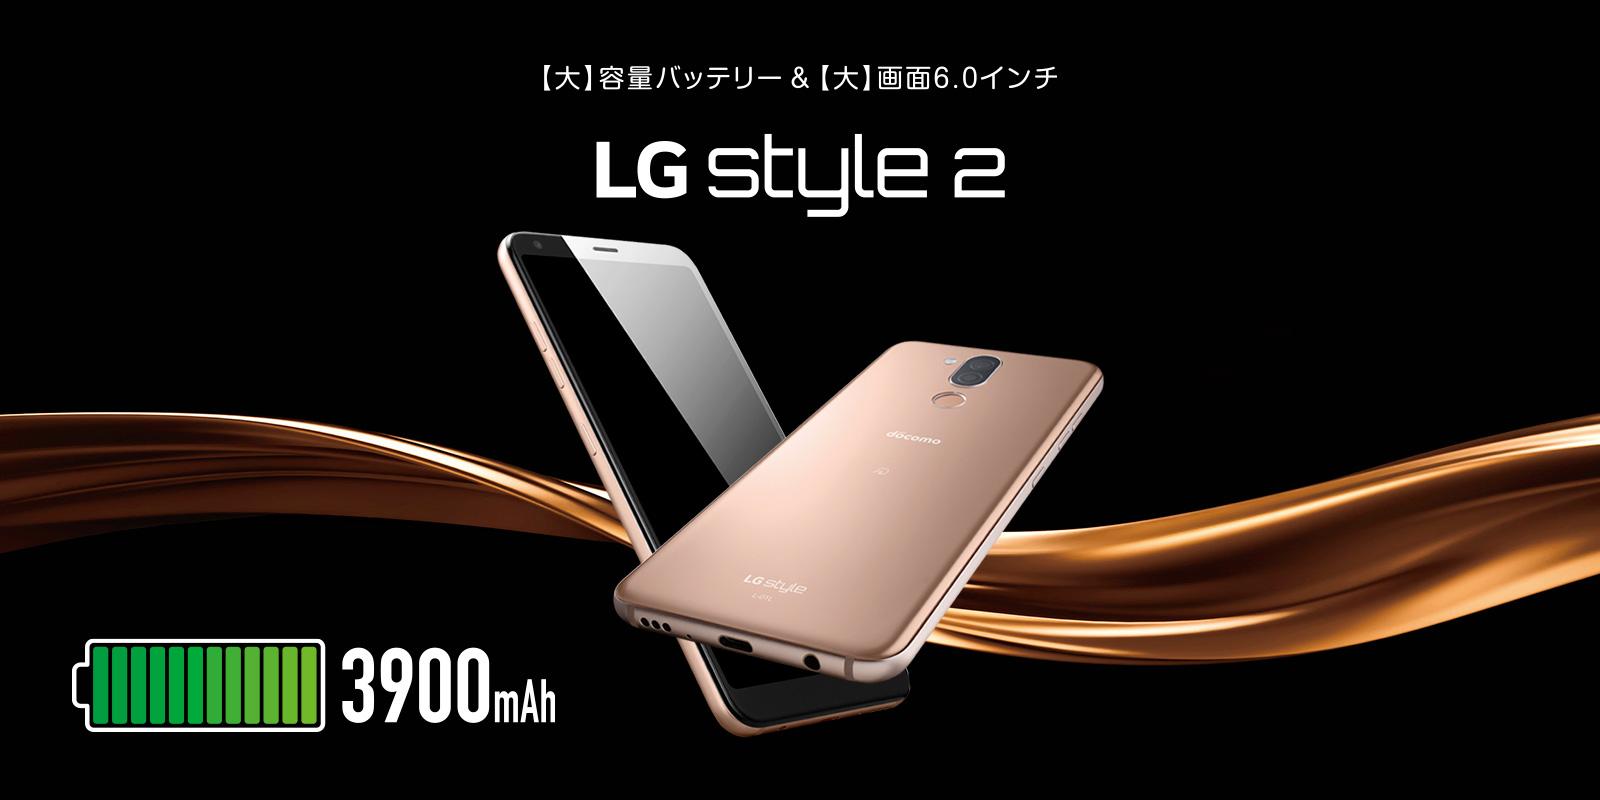 ドコモ2019年夏モデル「LG style2」の最新情報・スペックと発売時期